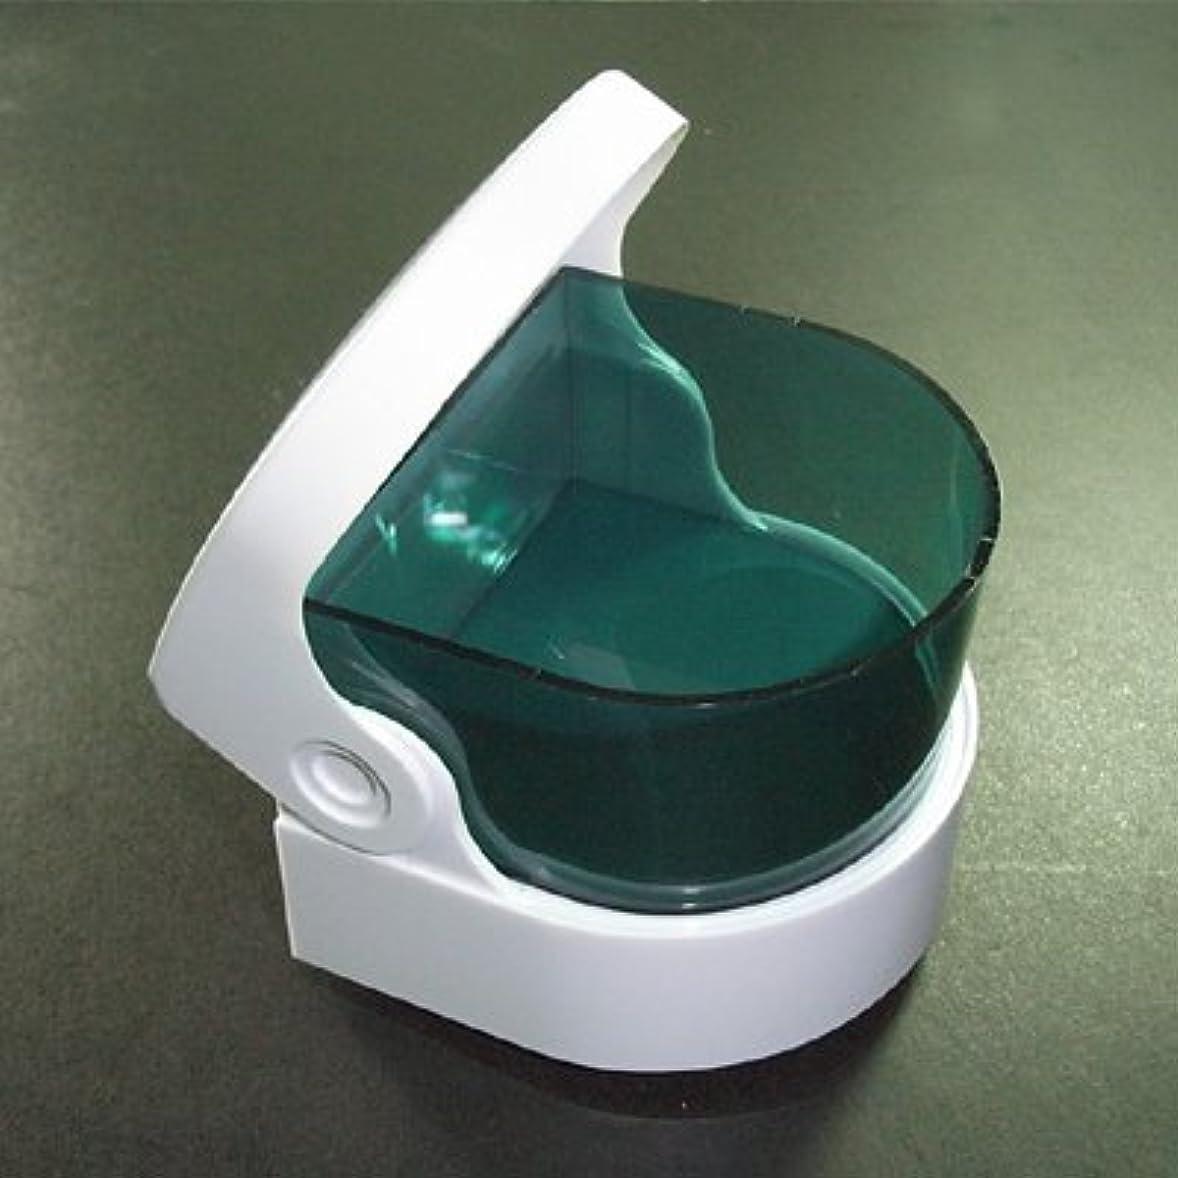 一般健康まっすぐ電池式 音波 洗浄器 音波振動で汚れを落とします